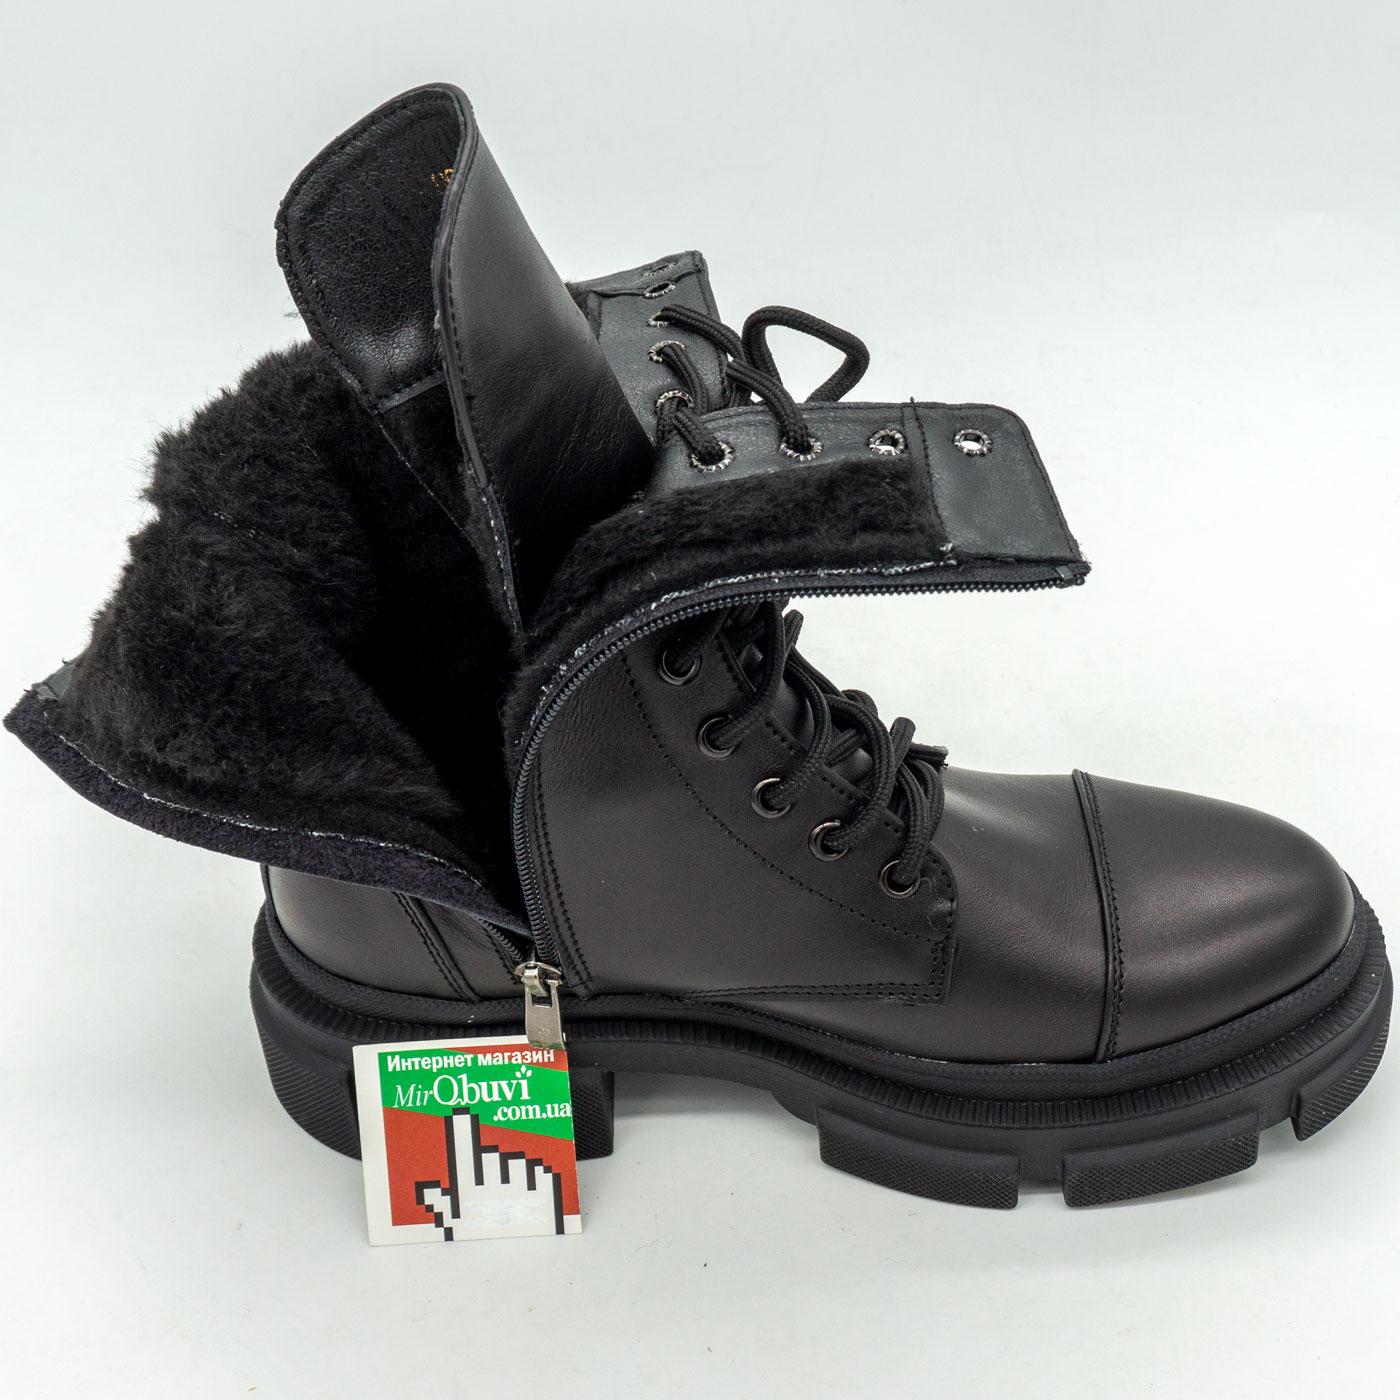 фото back Зимние черные женские ботинки в Dr. Martens на платформе - 0020 back